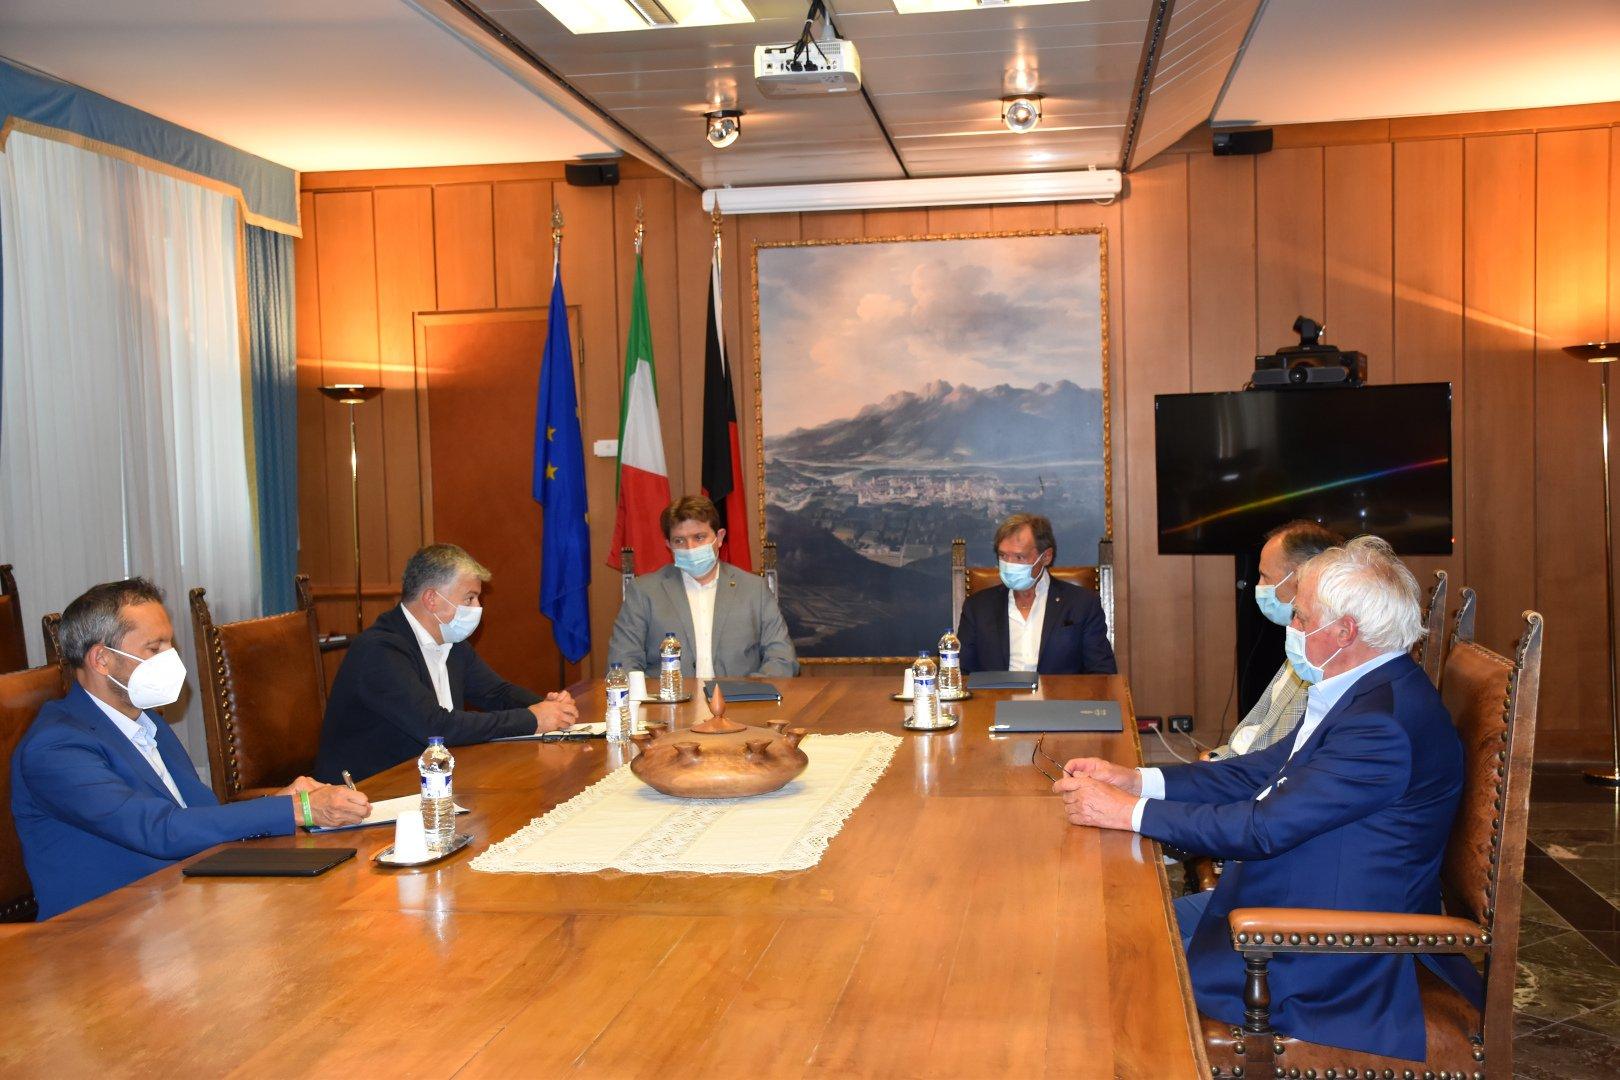 Ad agosto, a palazzo regionale si parla del progetto di Coppa del Mondo di sci alpino tra Zermatt e Cervinia, in un incontro con Flavio Roda, presidente della Fisi